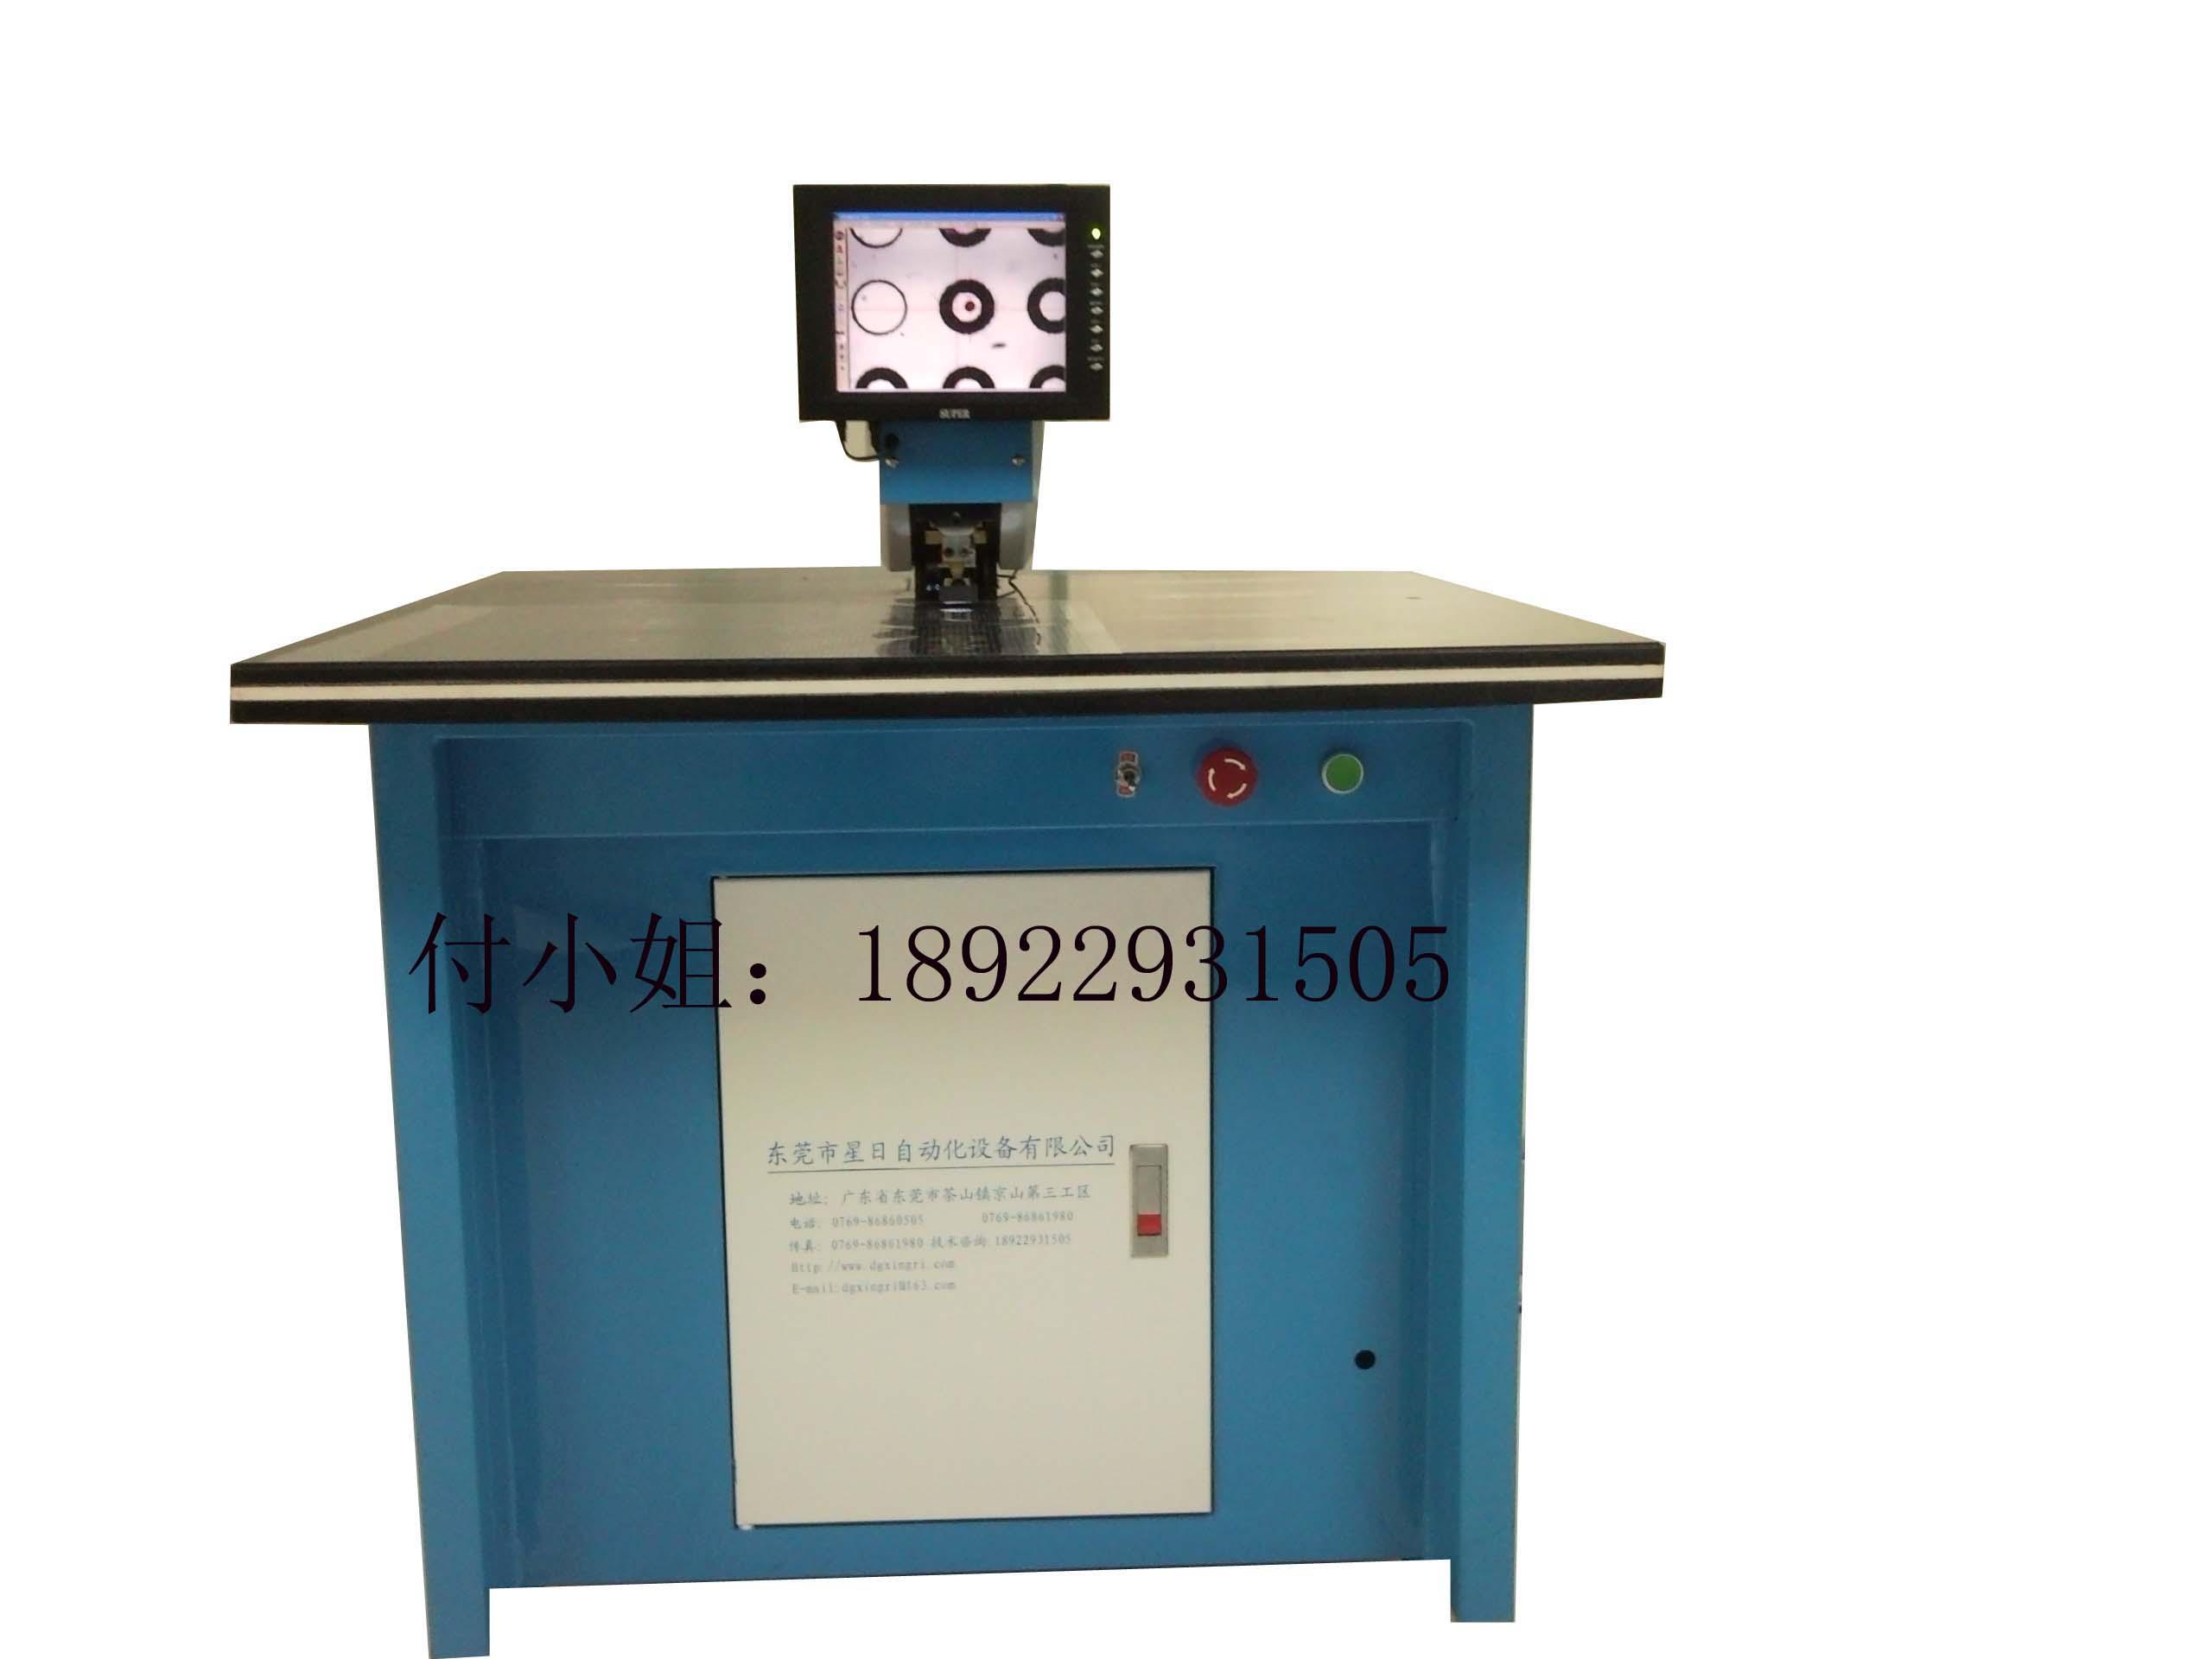 自动定位打孔机专业供应商 自动定位打孔机批发市场